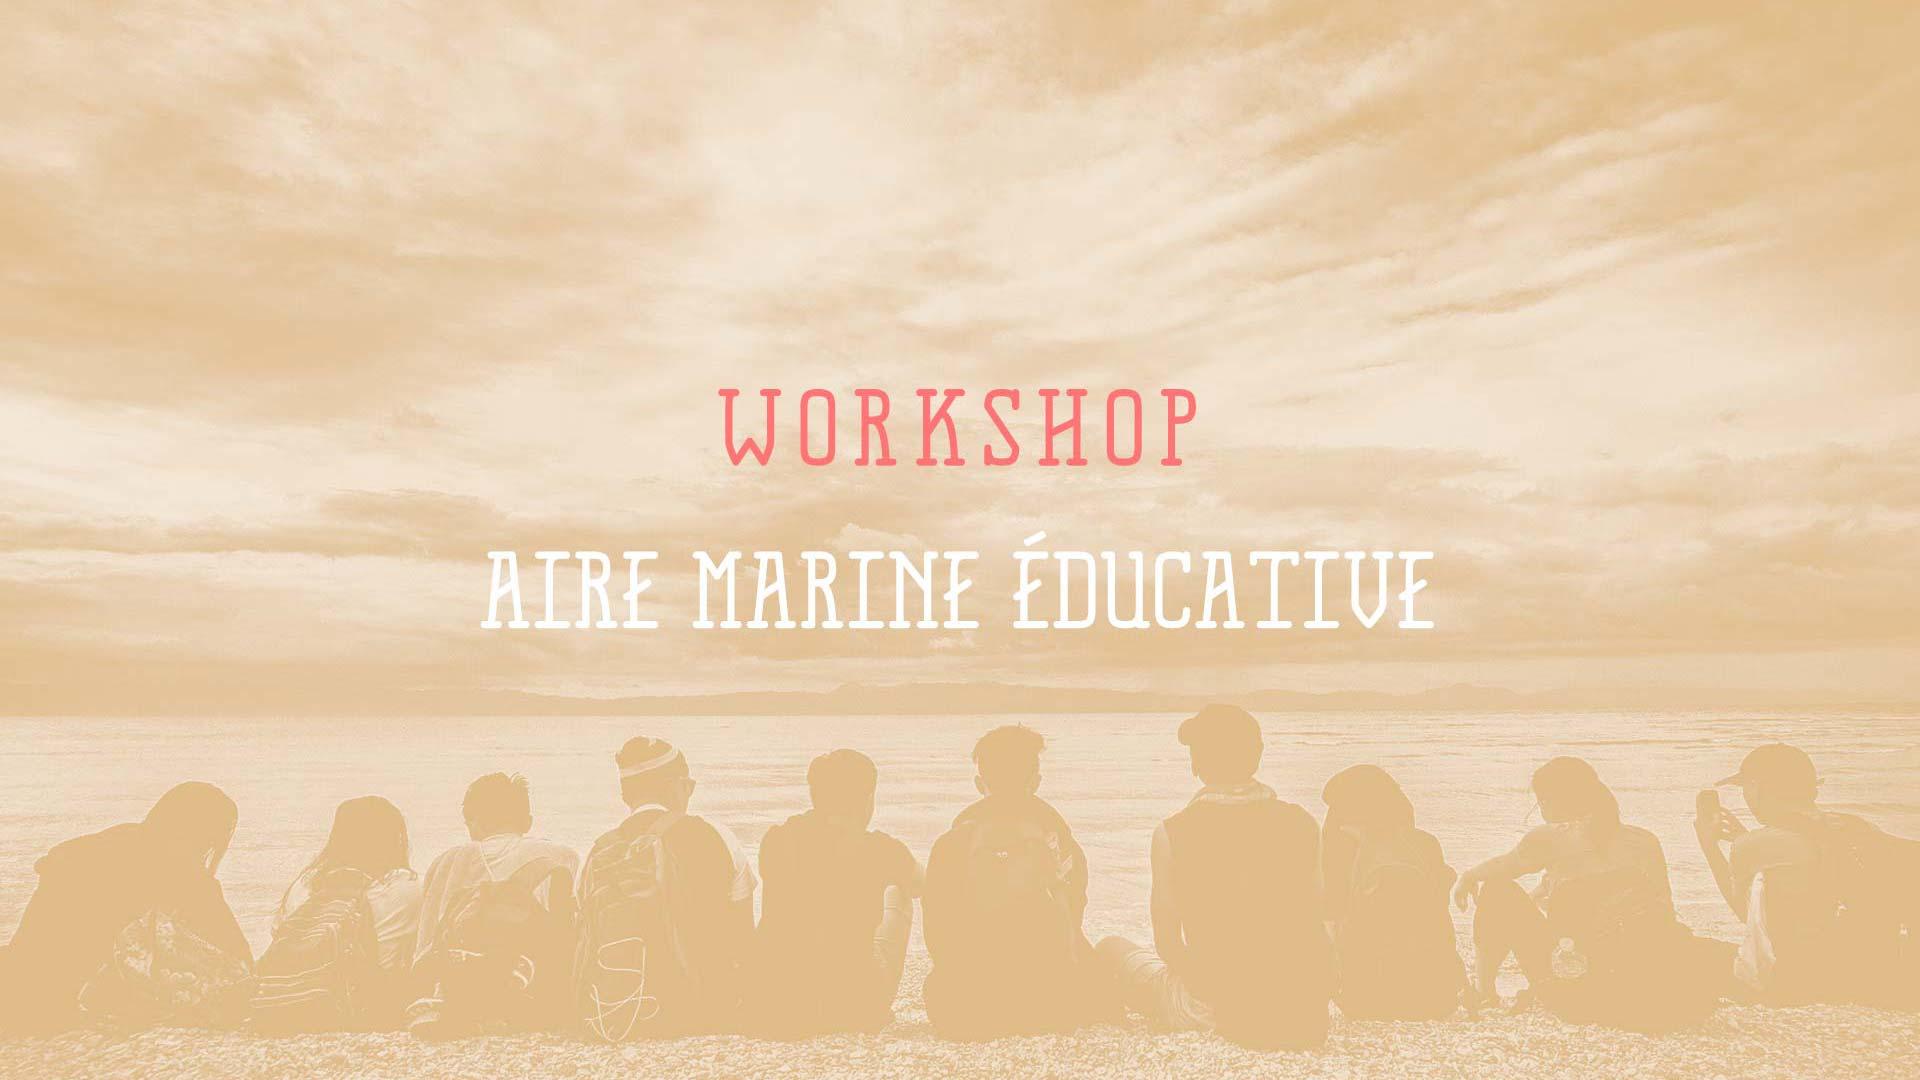 Aire marine éducative workshop